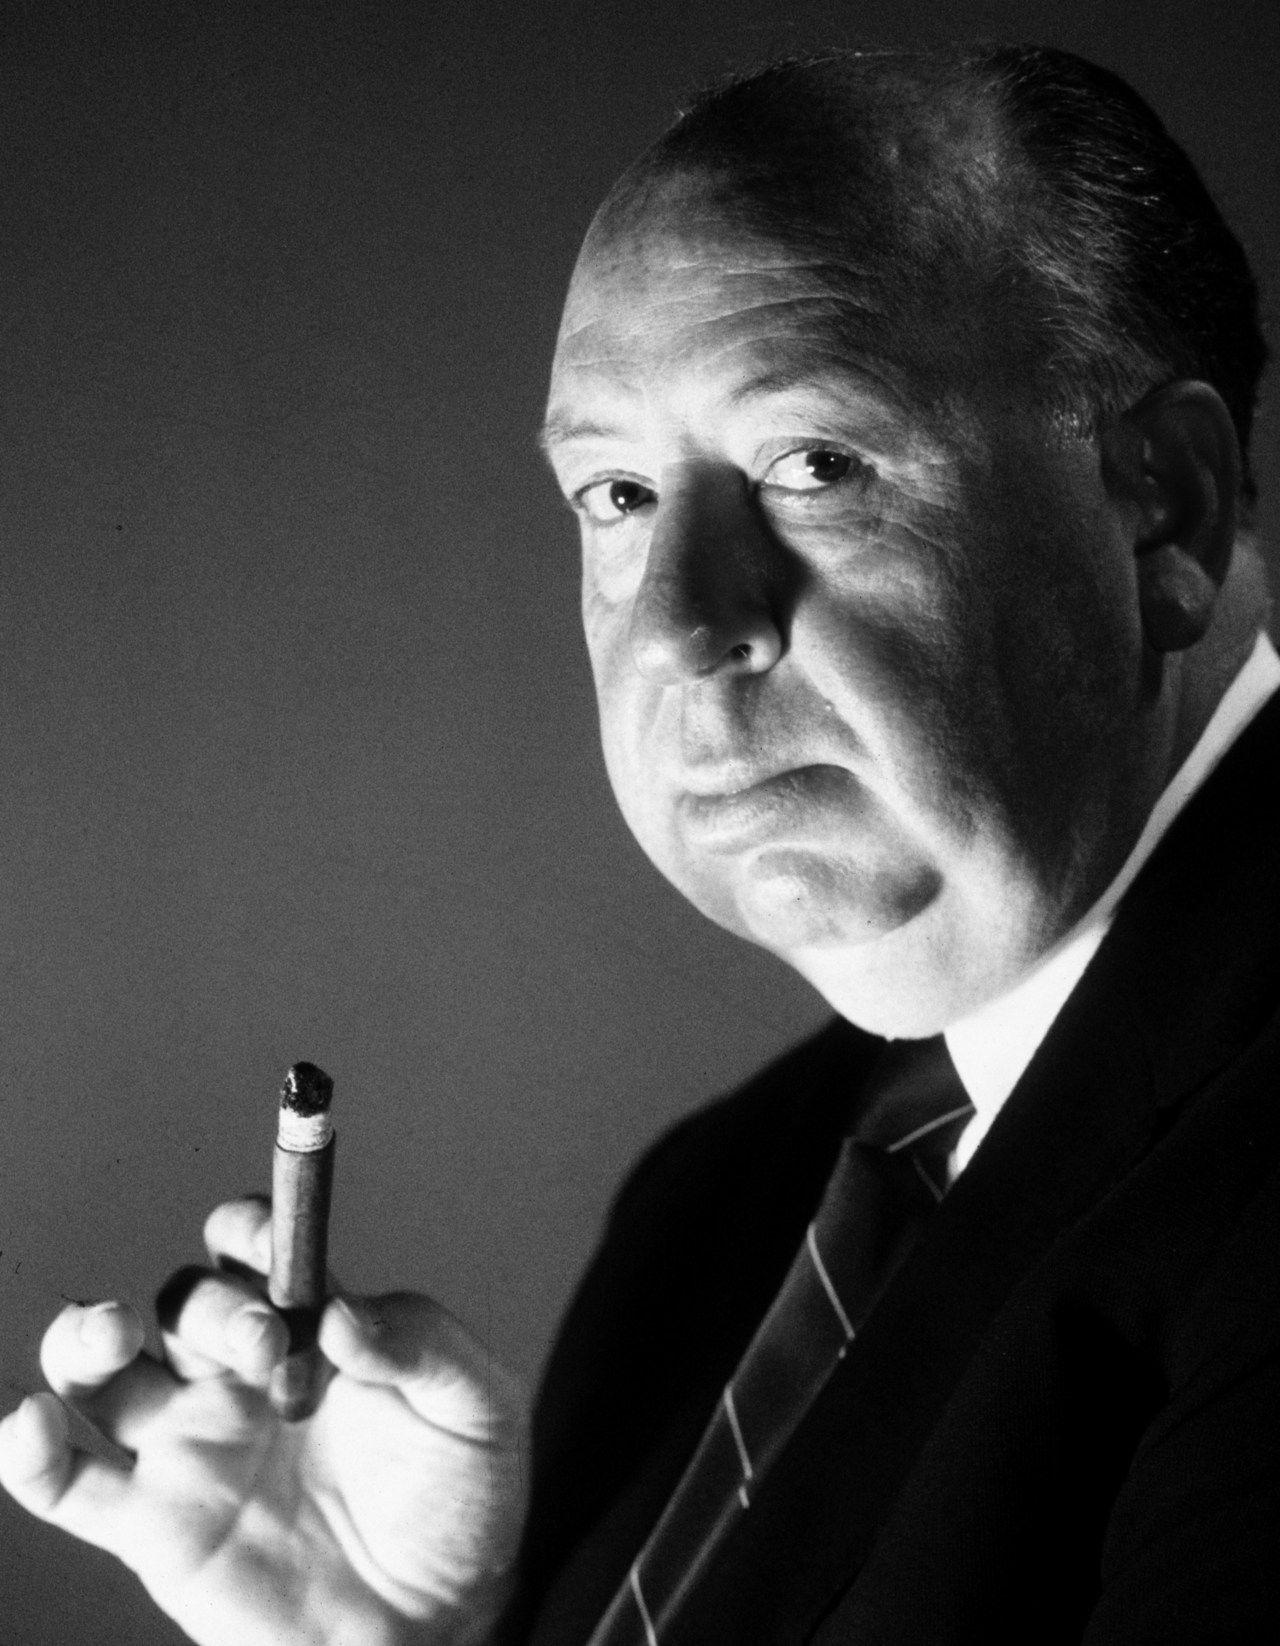 Alfred Hitchcock wat hem een auteur maakt is volgens mij zijn karaktische stijl. zijn lange zwart wit beelden waar hij toch heel goed suspence kan opwekken. en natuurlijk zijn gebruik van muziek. heel vaak hoor je onder zijn film orkest muziek ( vooral strijkers )